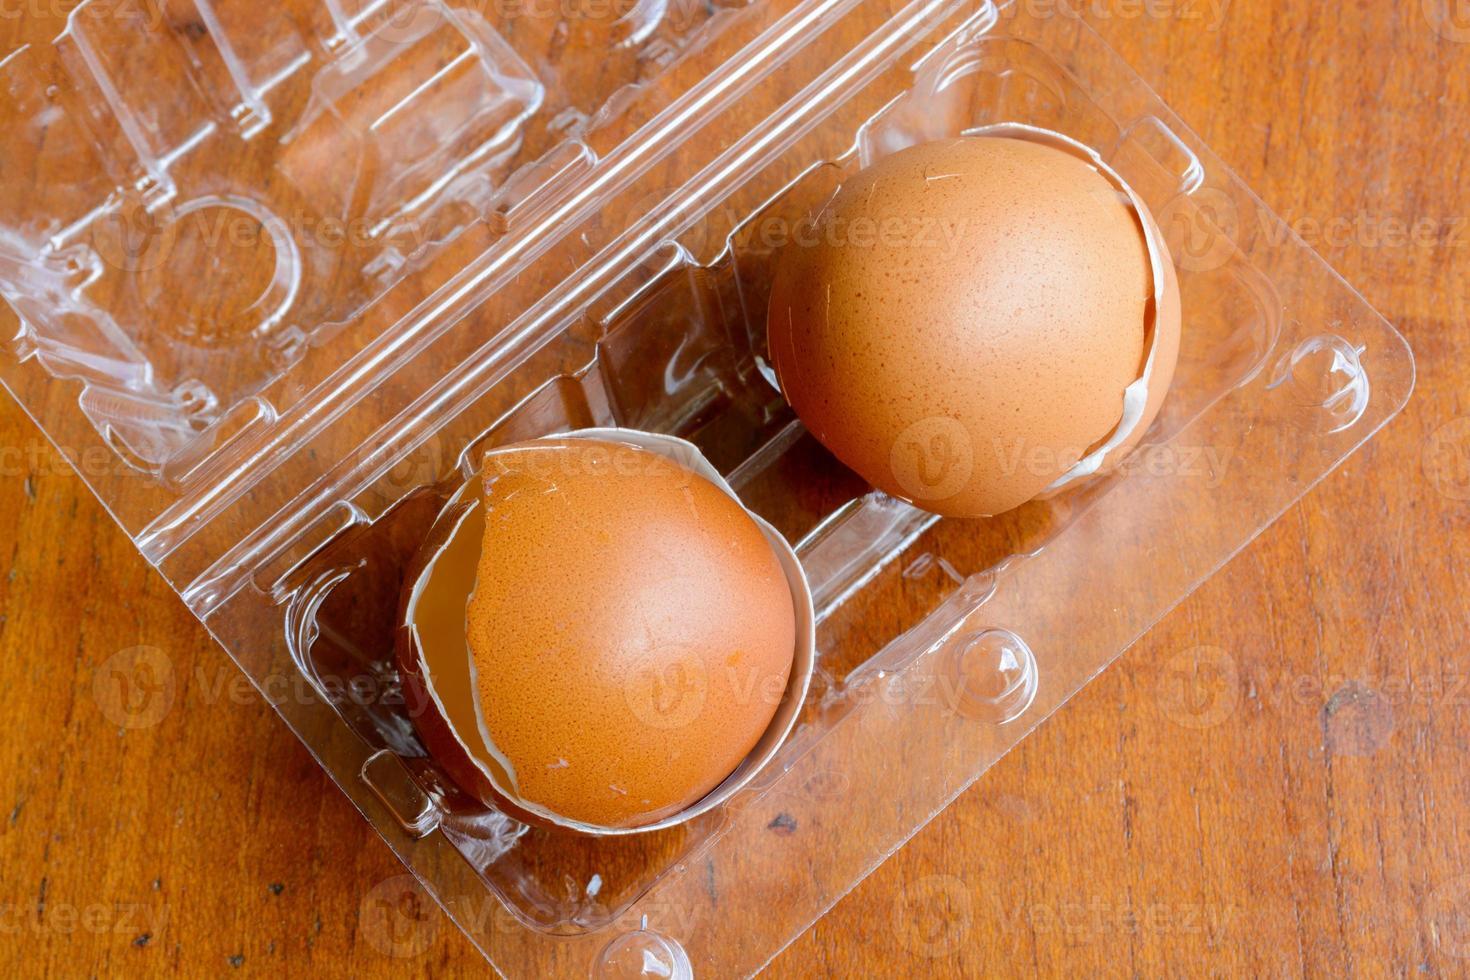 uova marroni rotte nella scatola di plastica su fondo di legno foto